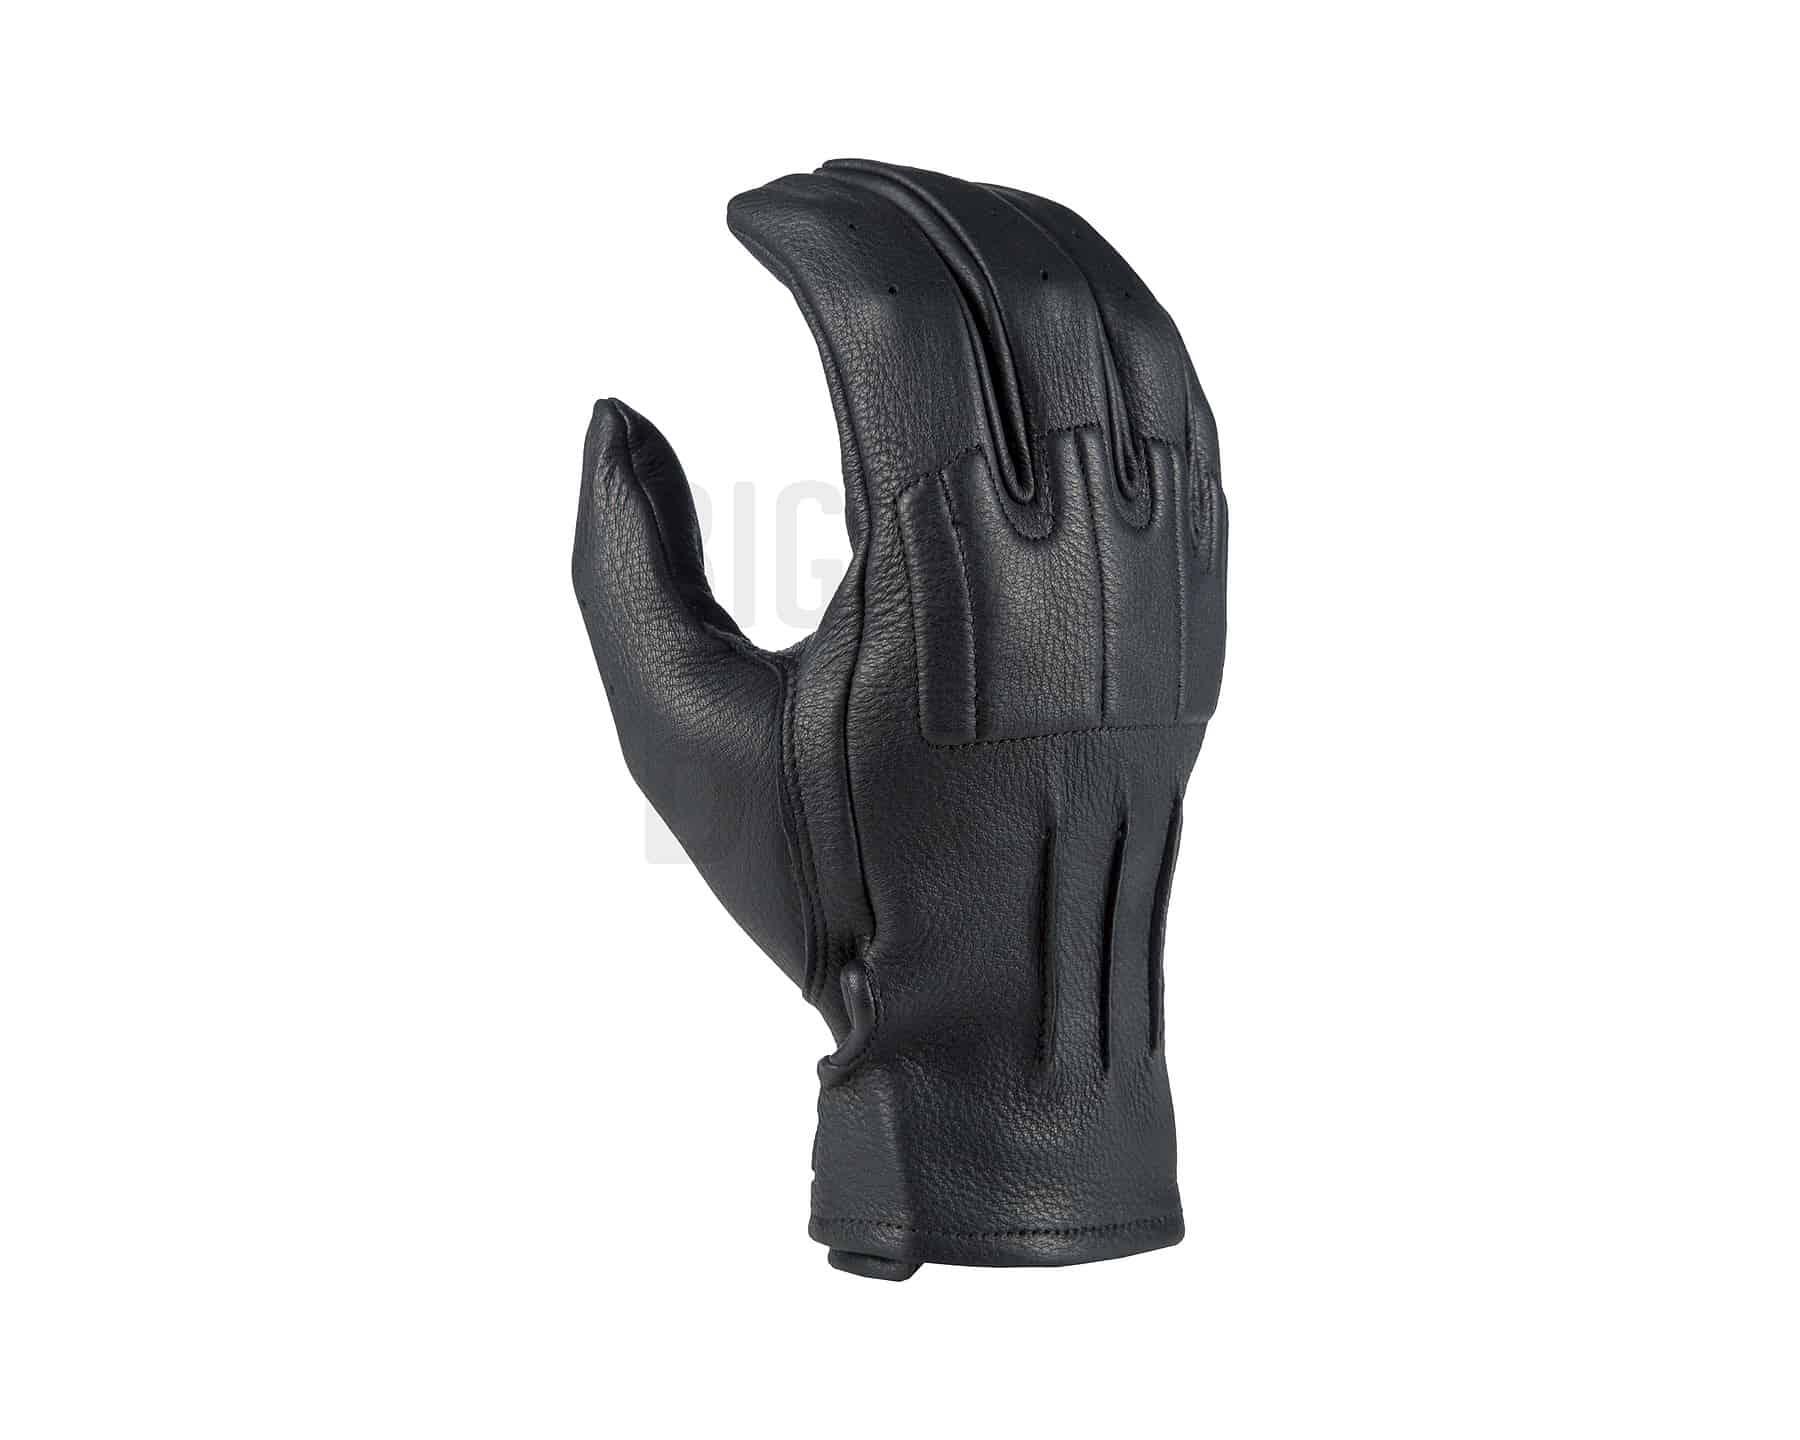 Rambler Glove_3895-000_Black_01